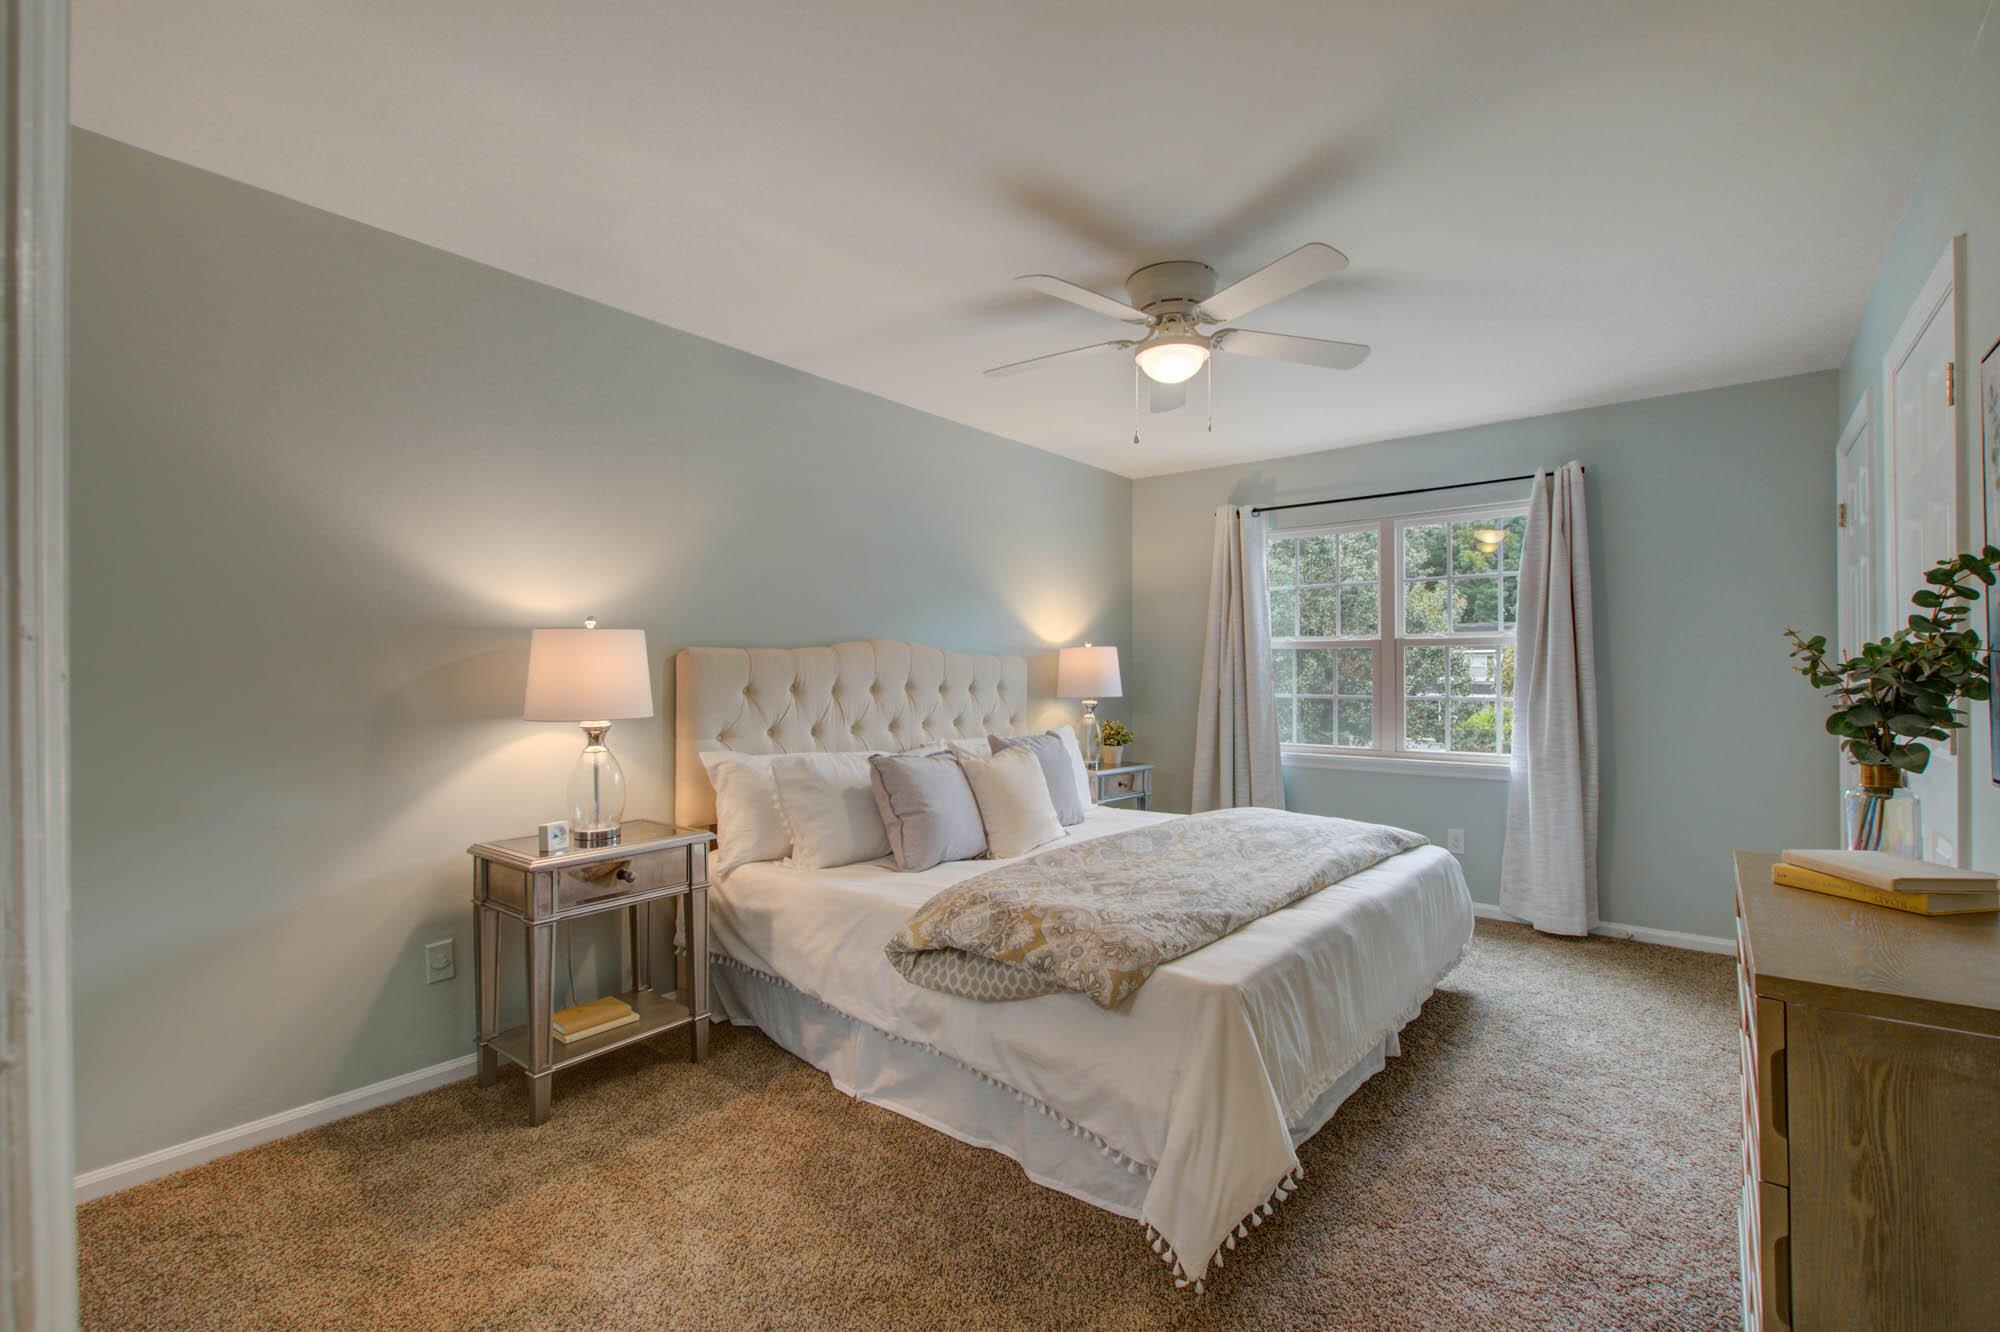 Wando East Homes For Sale - 1524 Nantahala, Mount Pleasant, SC - 8